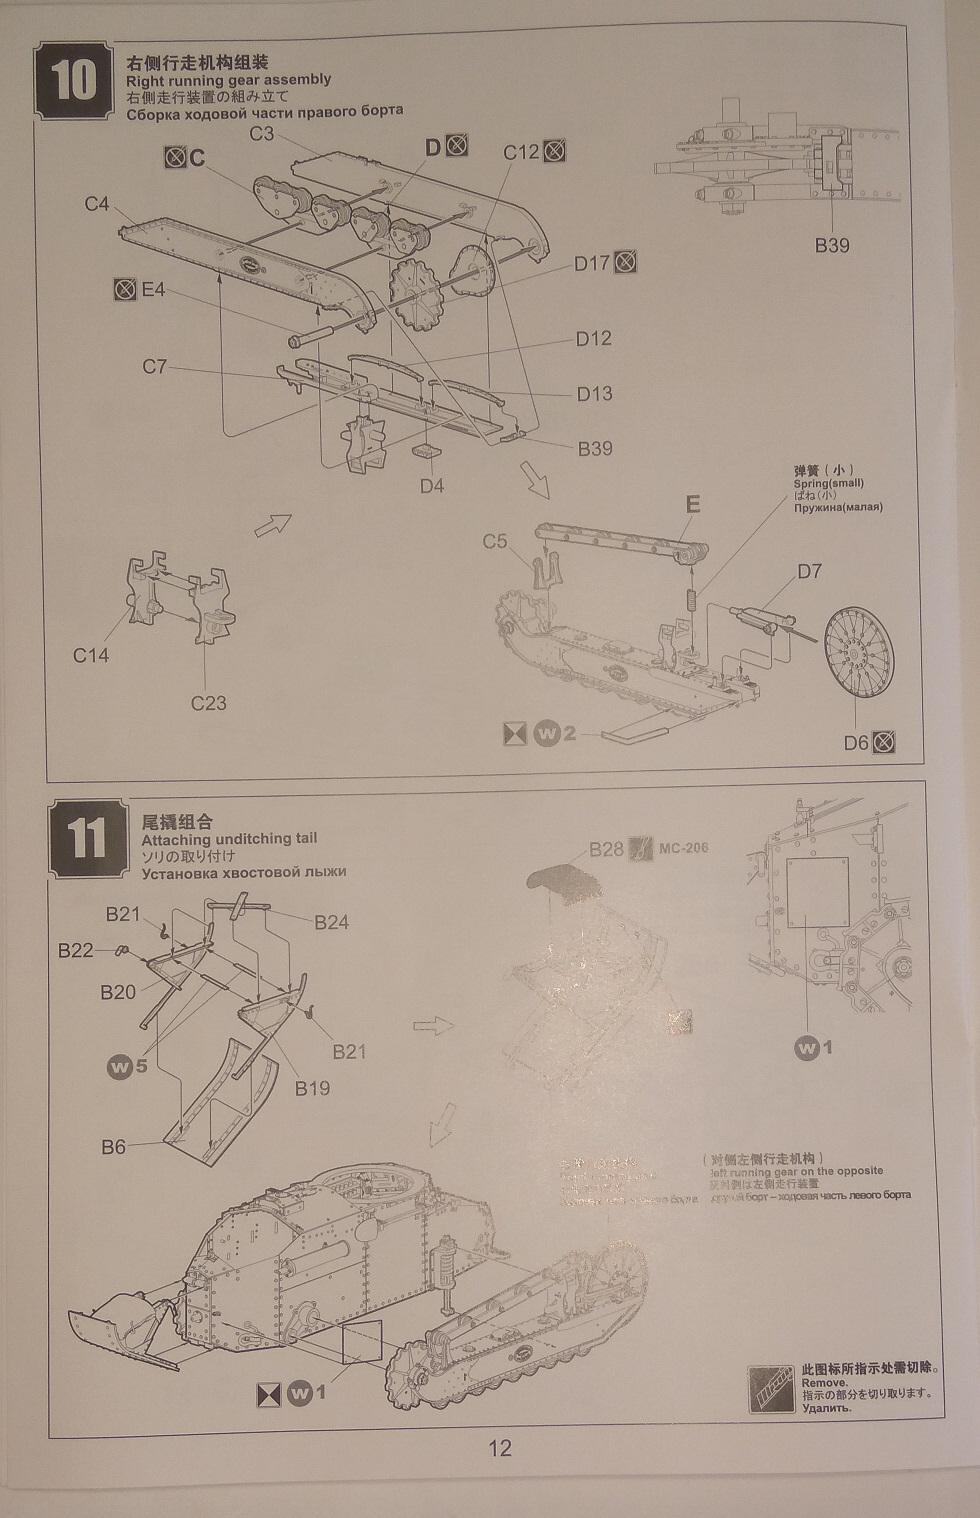 обзор лёгкий танк РЕНО FT-17 1:35 MENG TS-011 1310